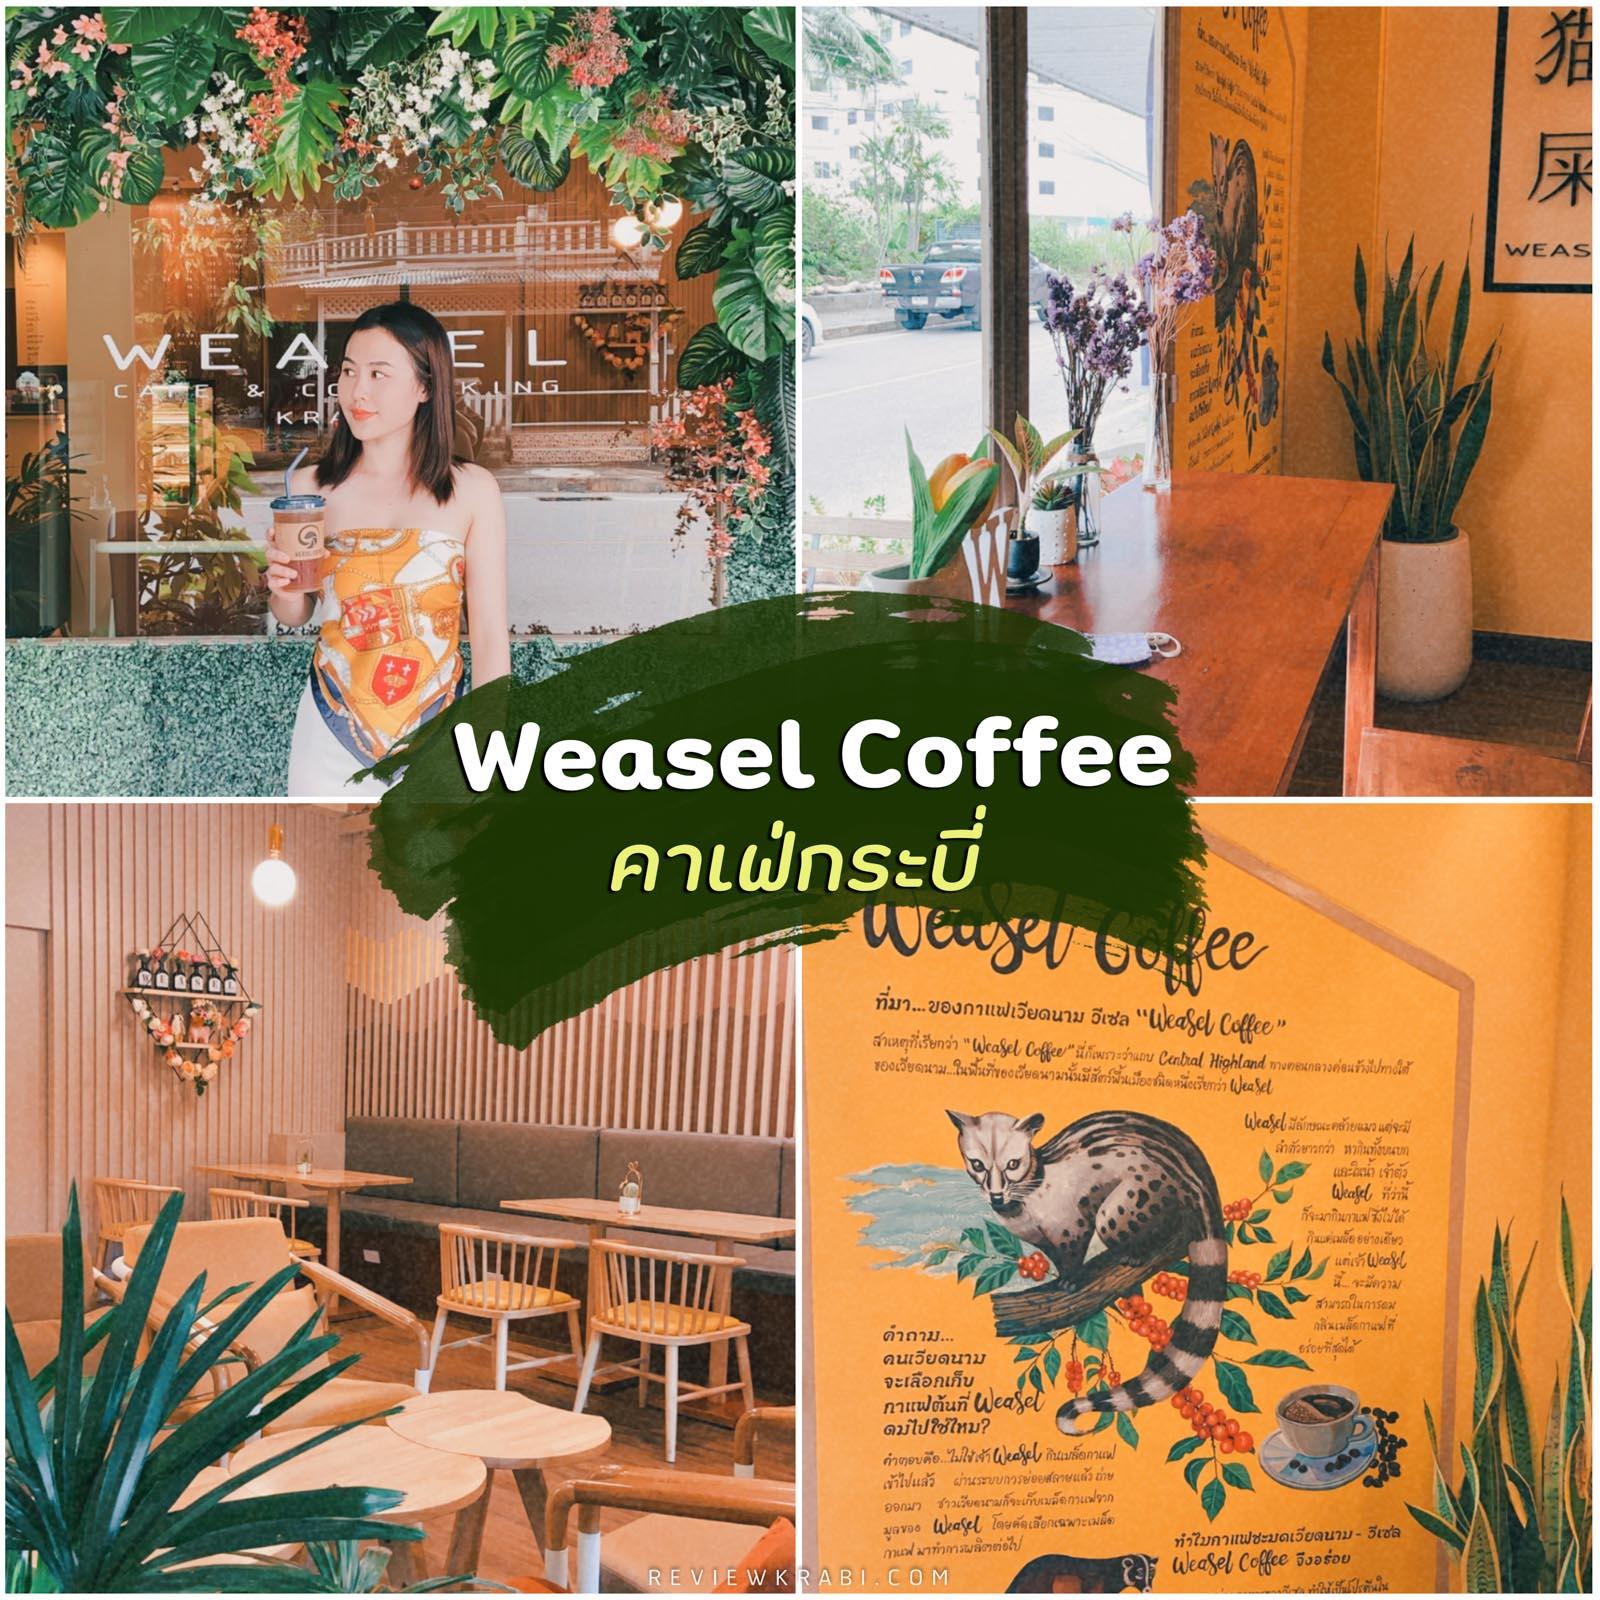 กาแฟเพื่อสุขภาพ อร่อยเว้ออ มากระบี่ต้องแวะชิมกันที่ร้านWeasel coffee กาแฟชะมด